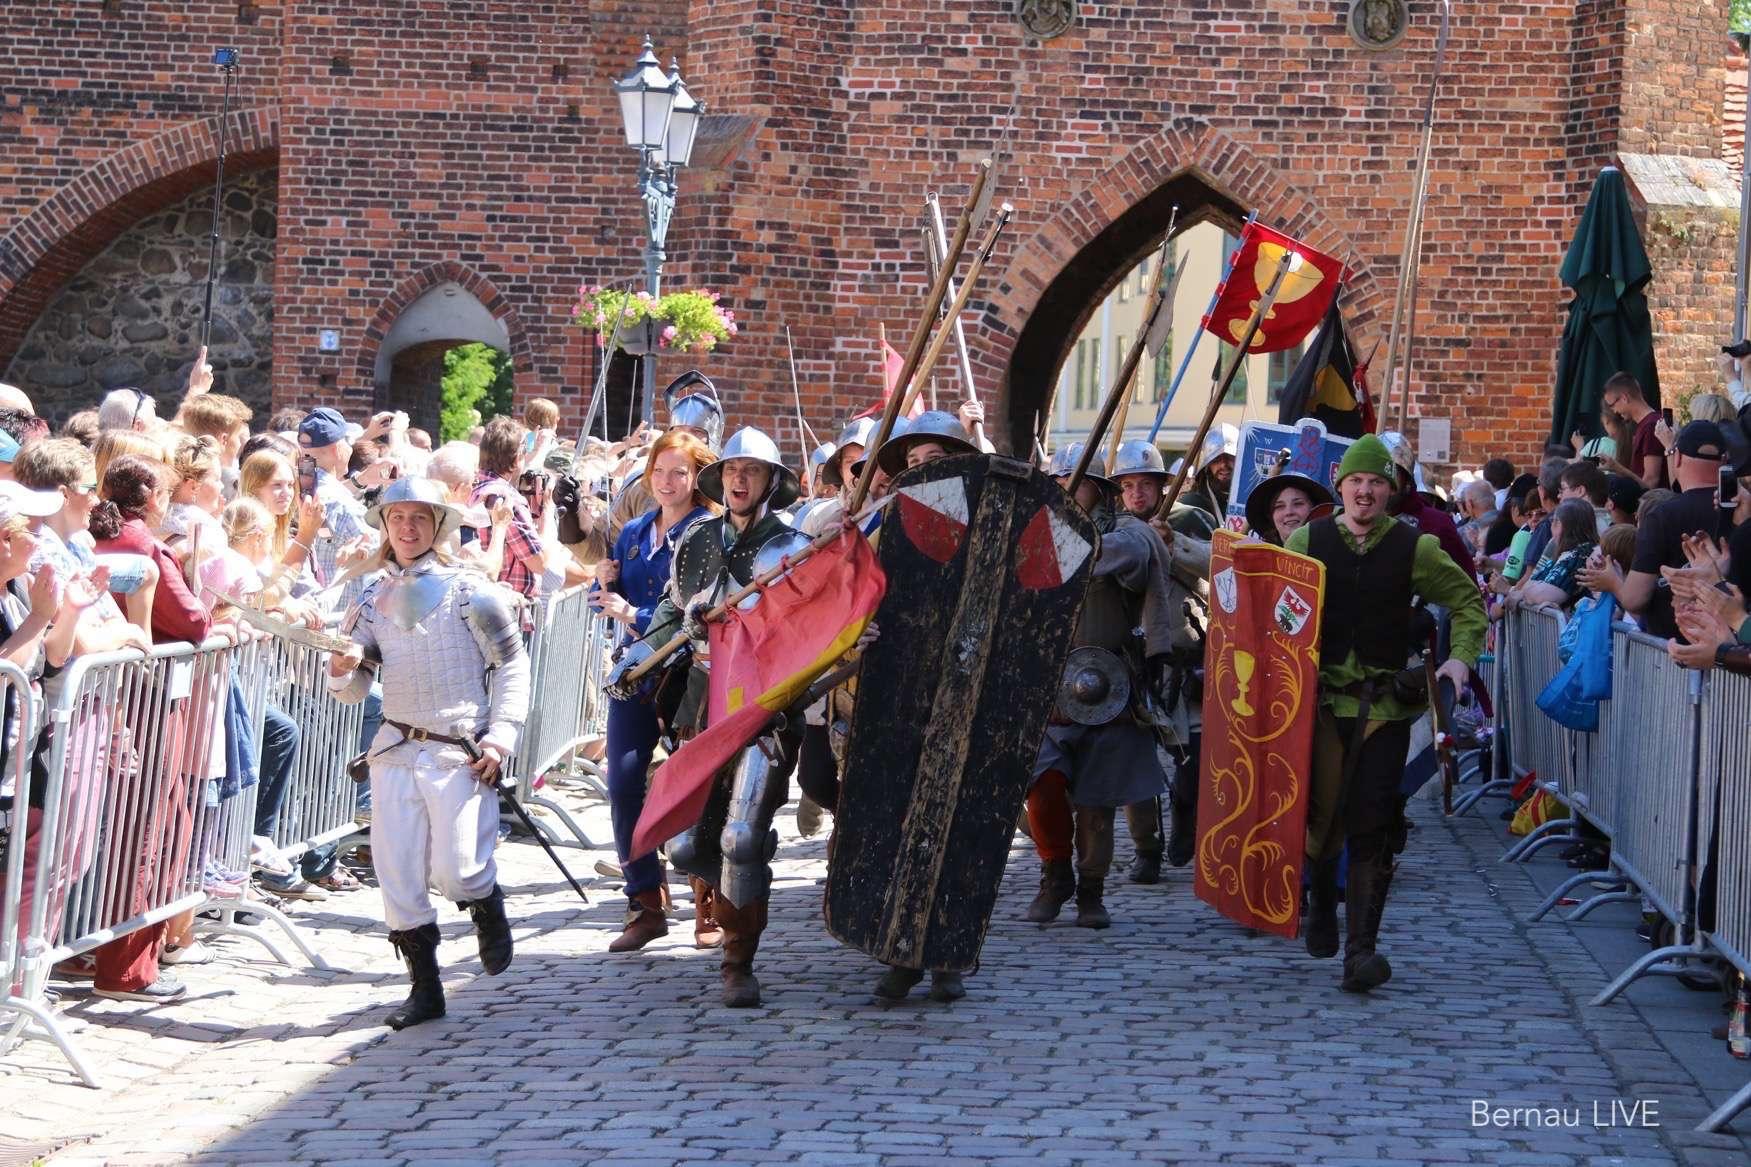 Hussitenfest Bernau - Festumzug